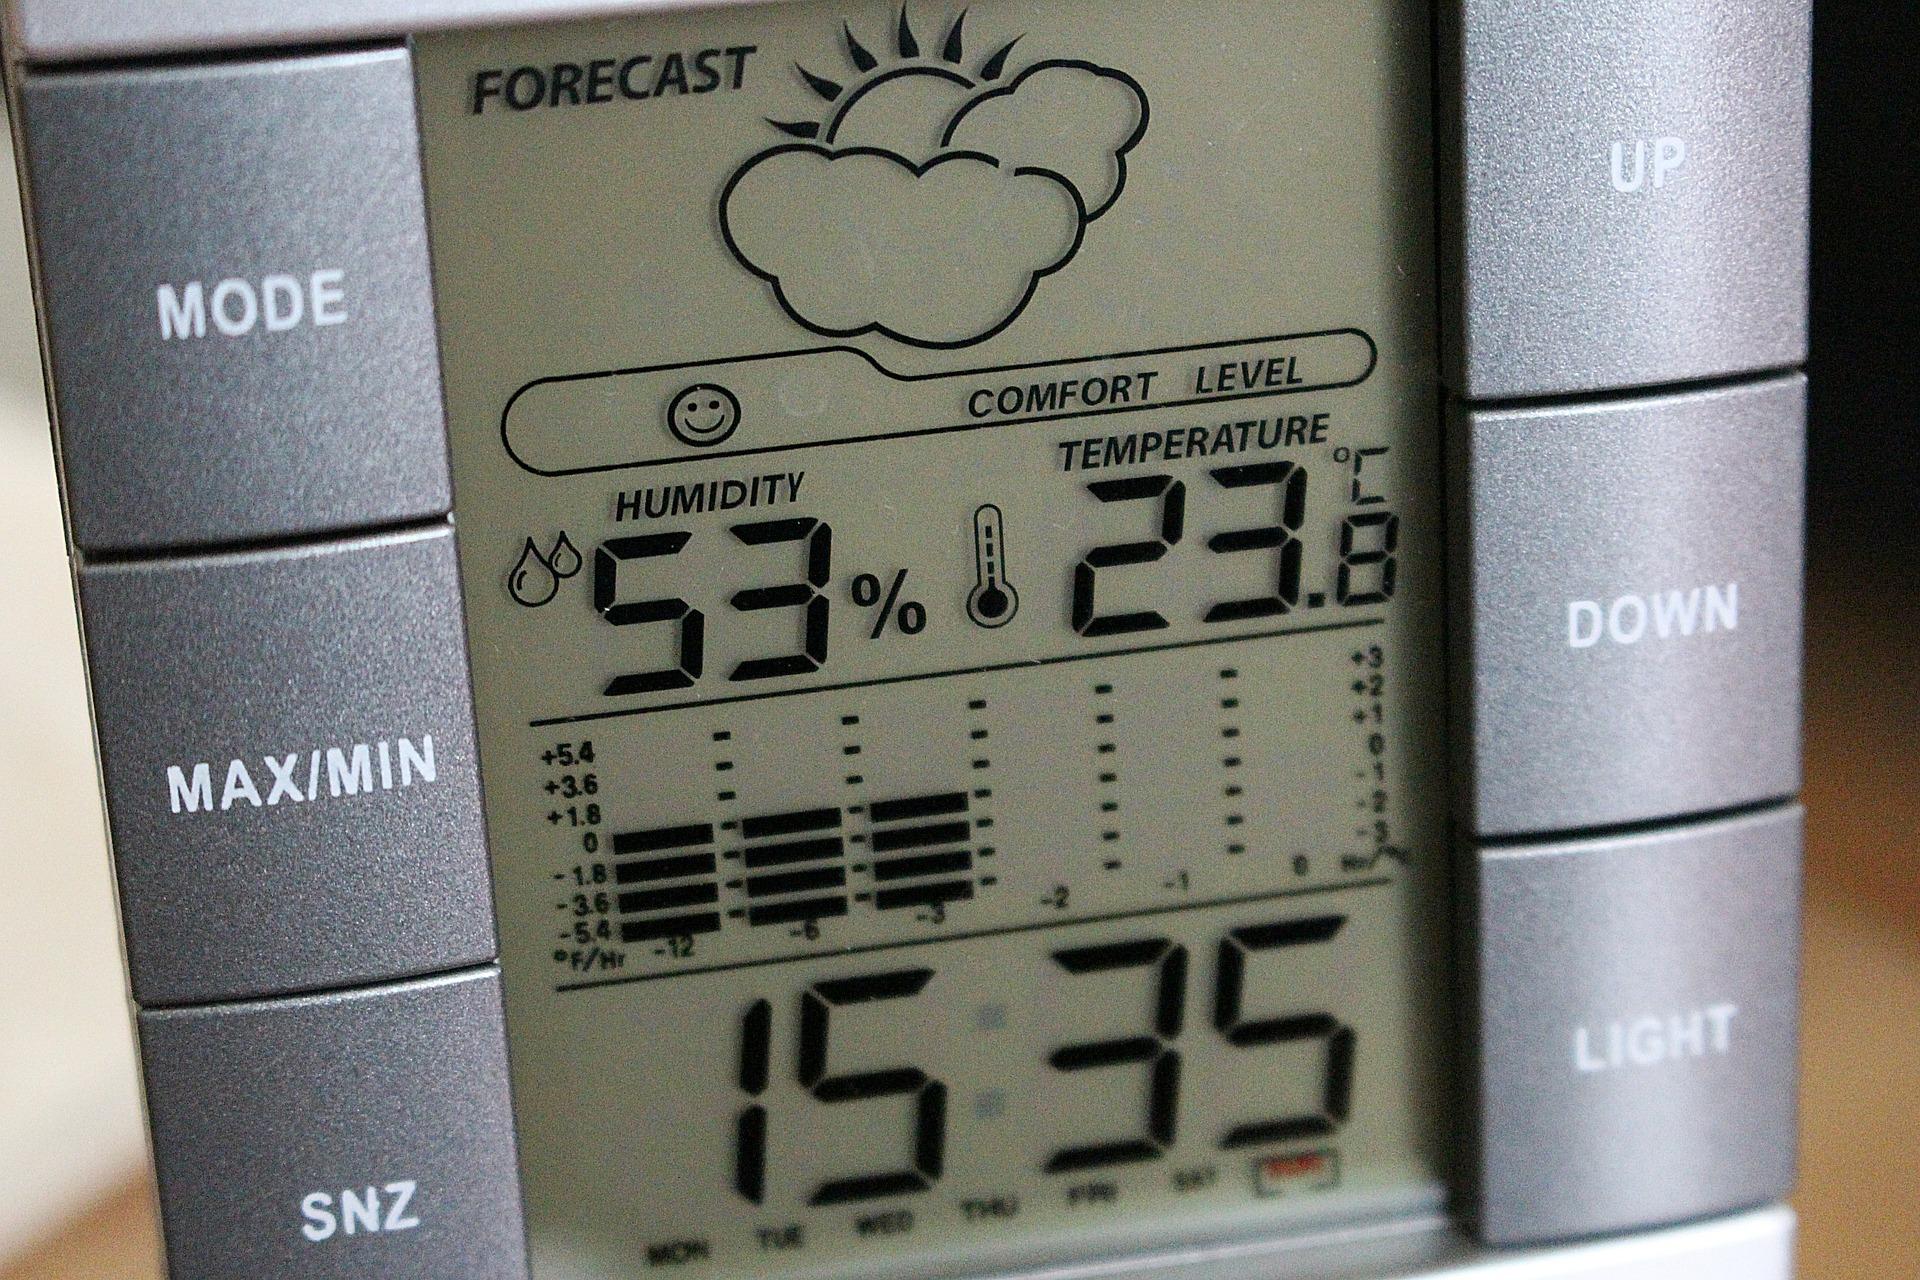 מערכת בקרת טמפרטורה